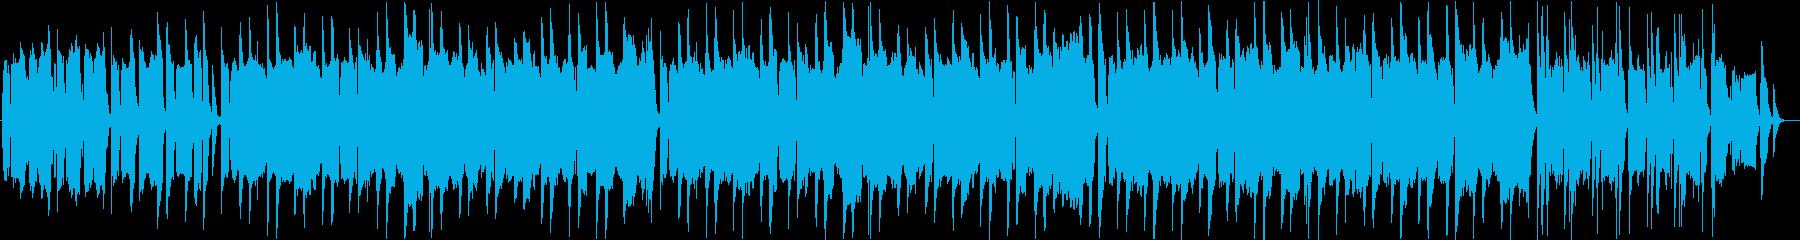 アメイジンググレイス/のんびりクリスマスの再生済みの波形